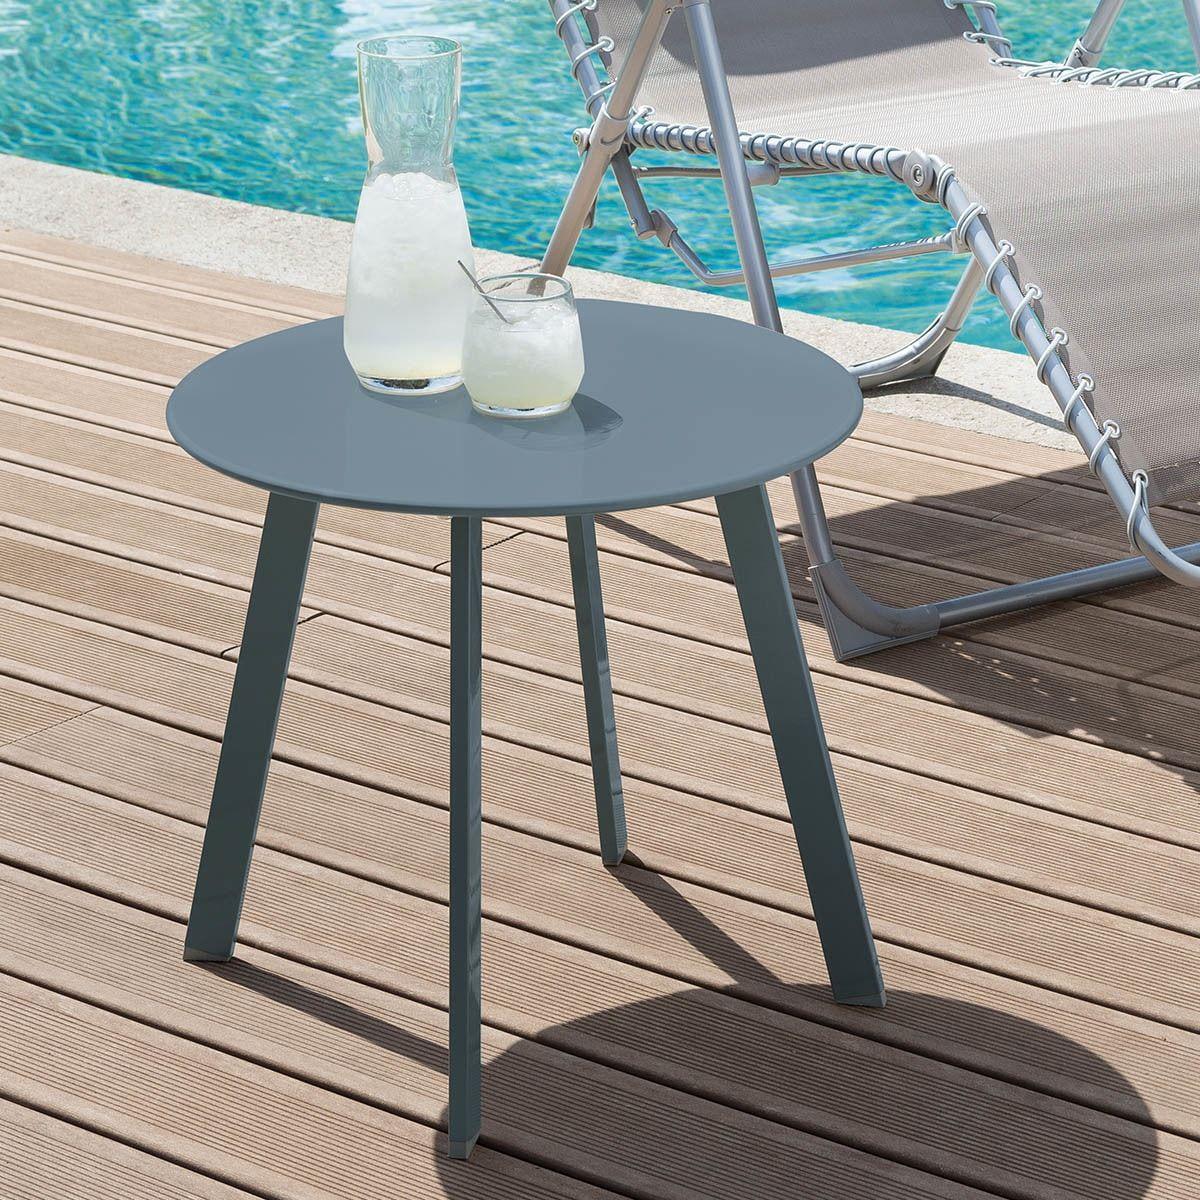 Table D Appoint De Jardin Ronde Saona Bleu Canard Mat En 2020 Table D Appoint Petite Table De Jardin Table De Jardin Pliante